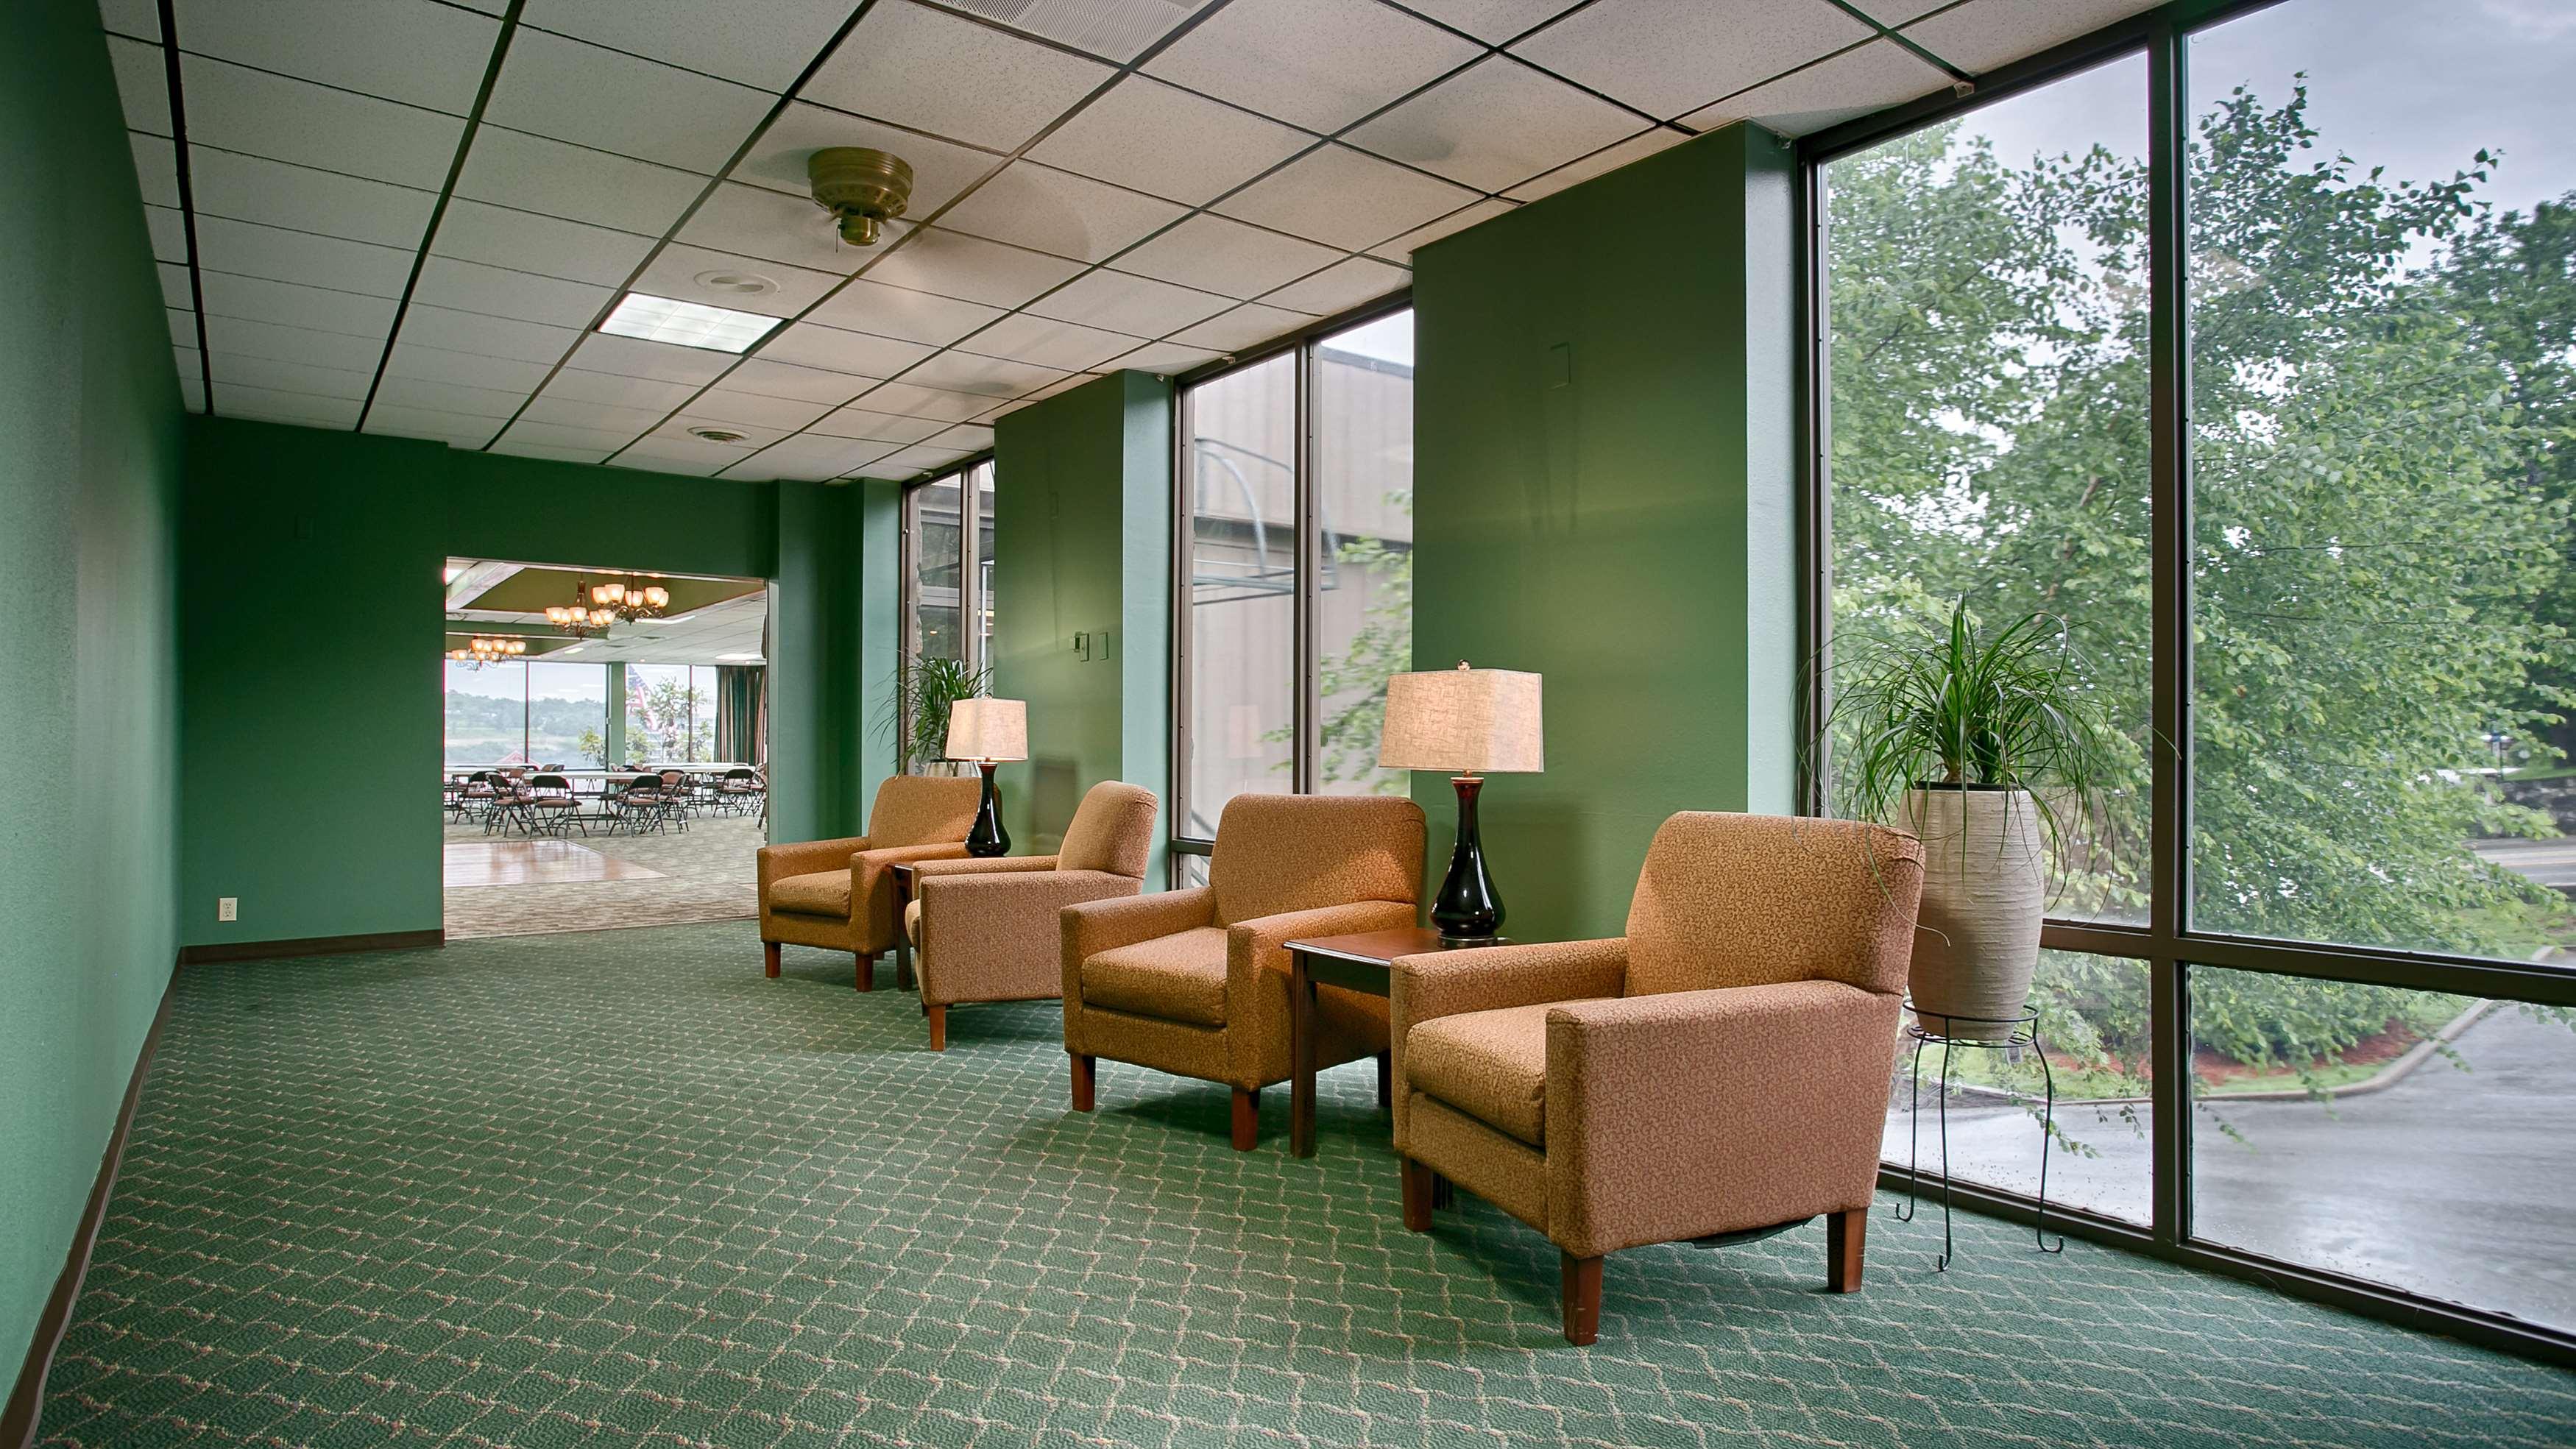 Best Western Plus Landing View Inn & Suites image 19